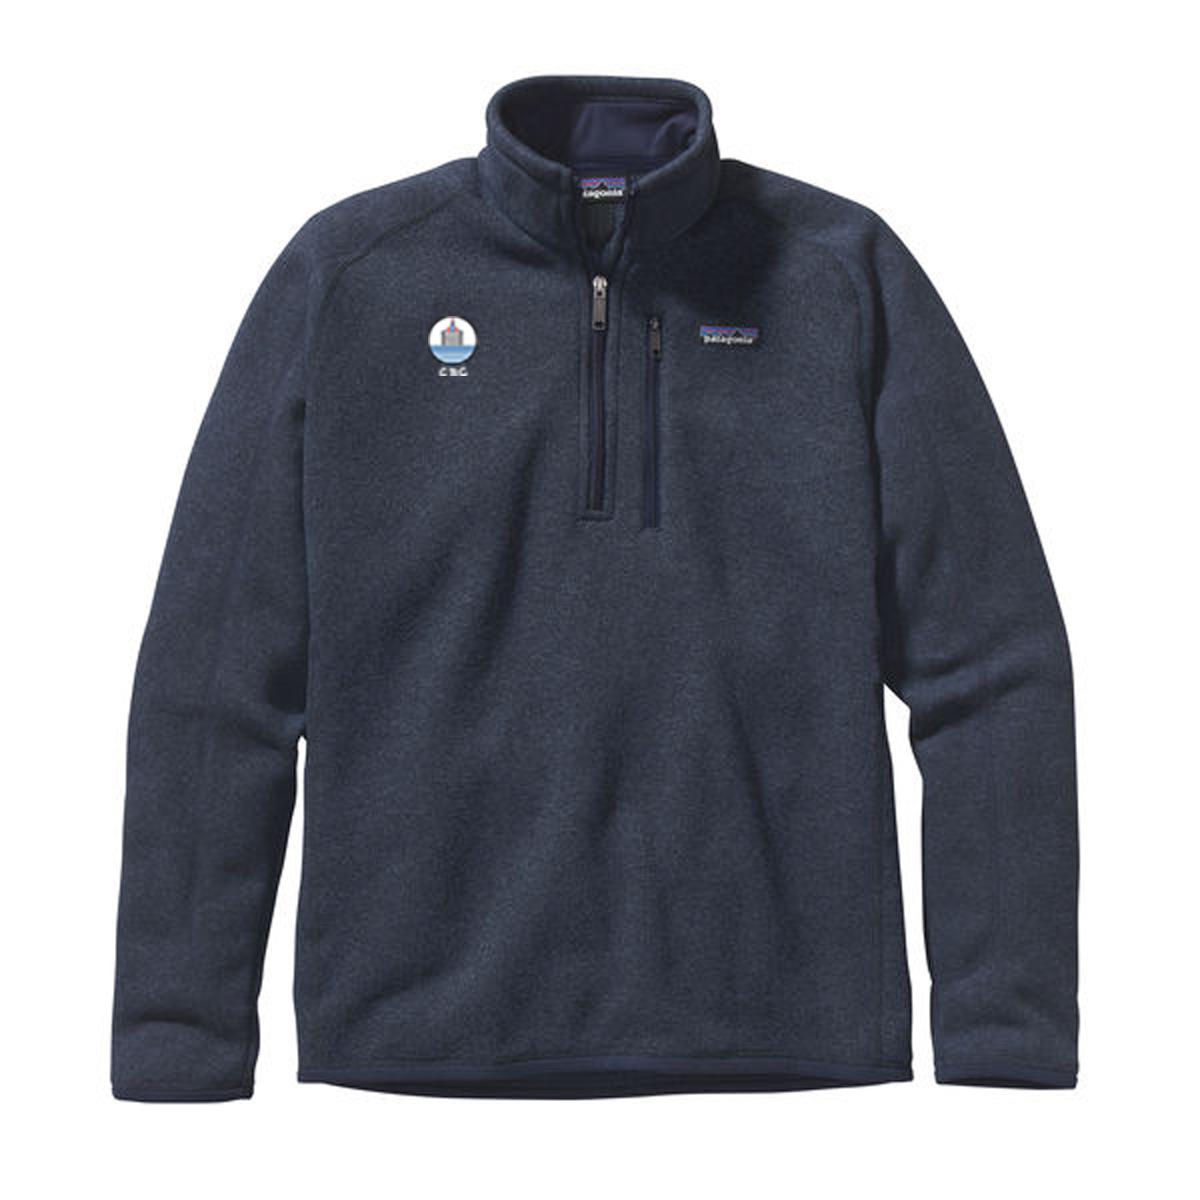 Chappaquiddick Beach Club - Men's Patagonia Better Sweater 1/4 Zip Fleece